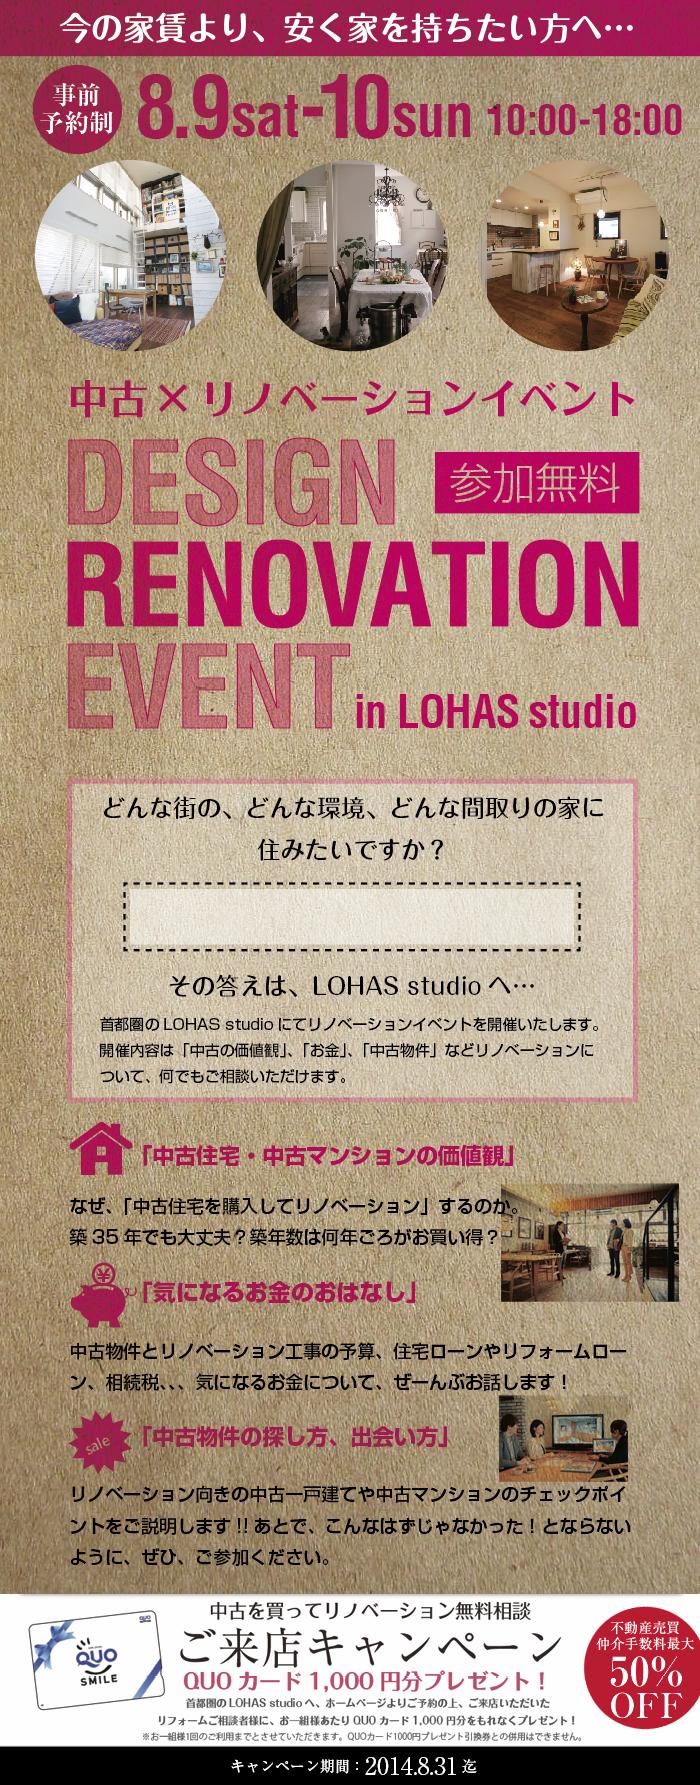 201407yoyaku_event9-10.png